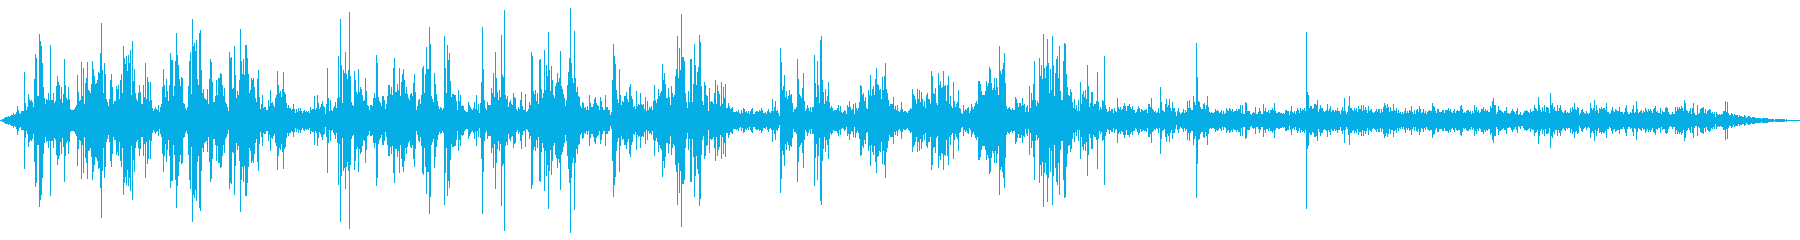 アンティークチューブ無線の静的干渉の再生済みの波形